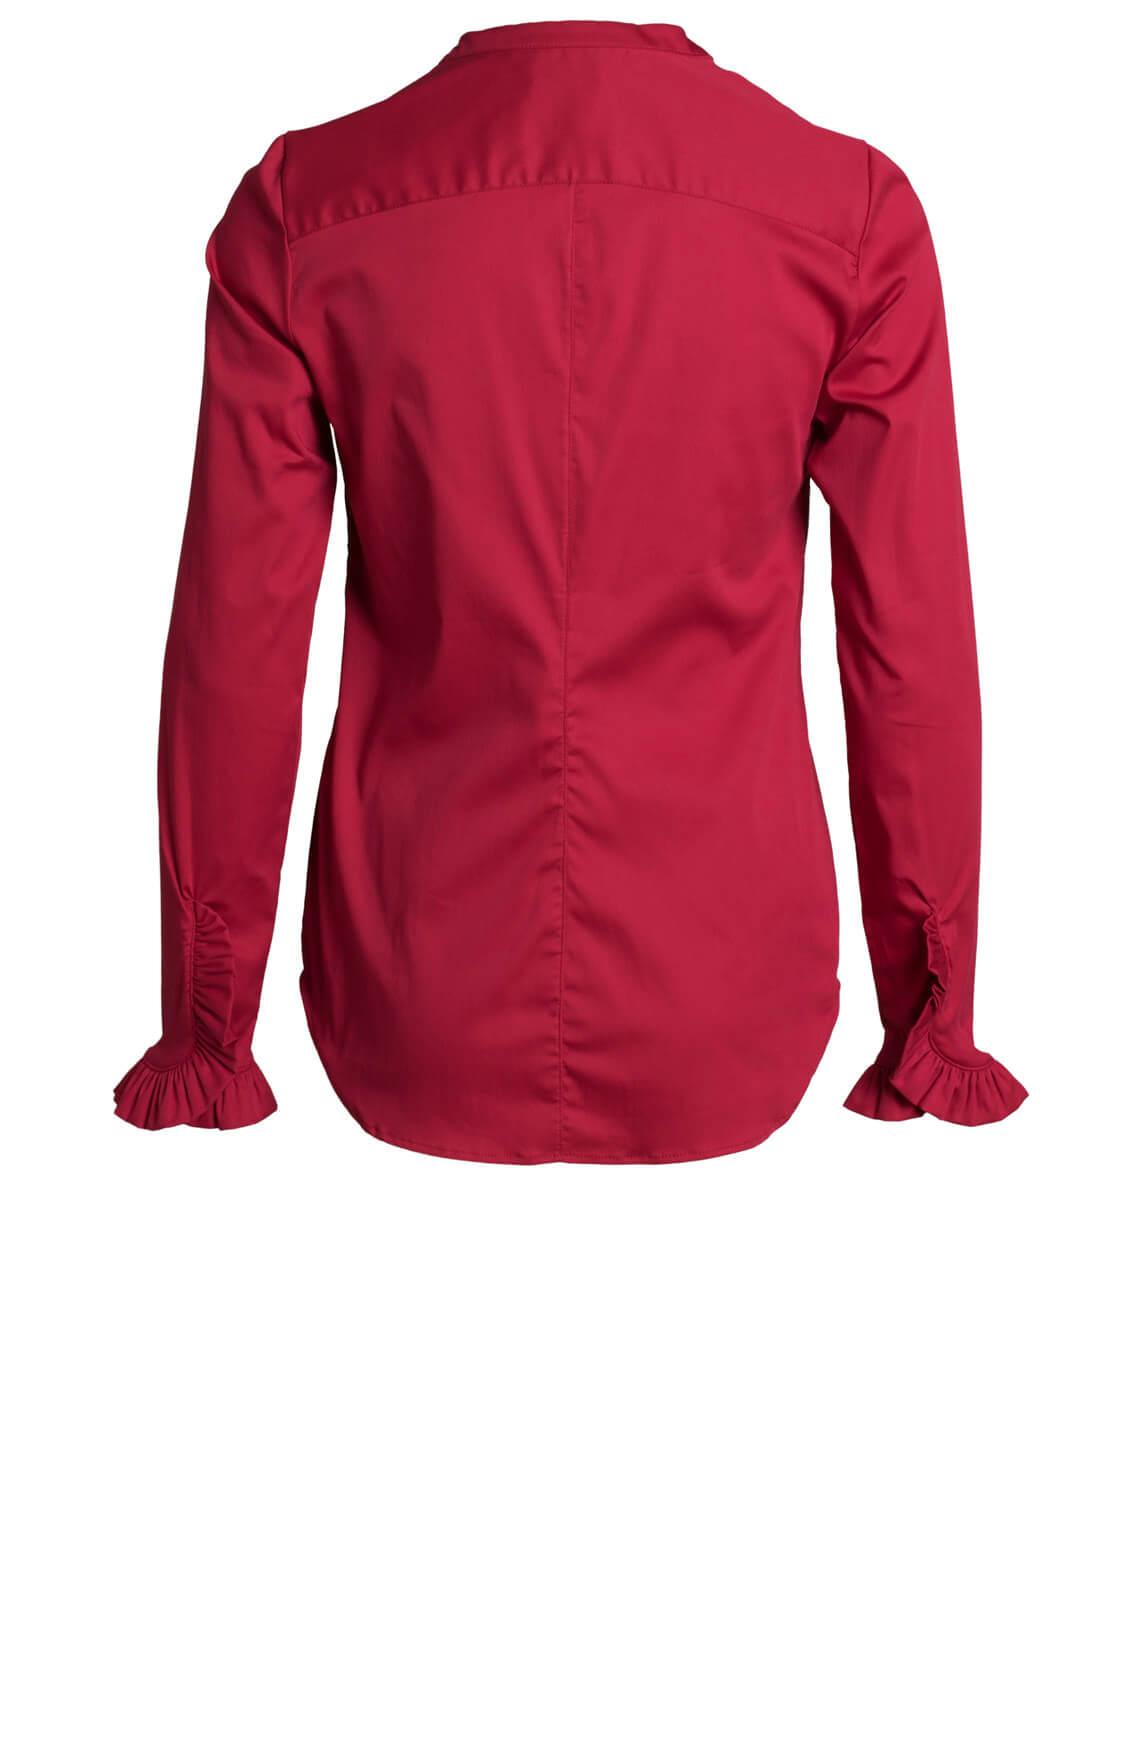 Mos Mosh Dames Mattie sierlijke blouse 0